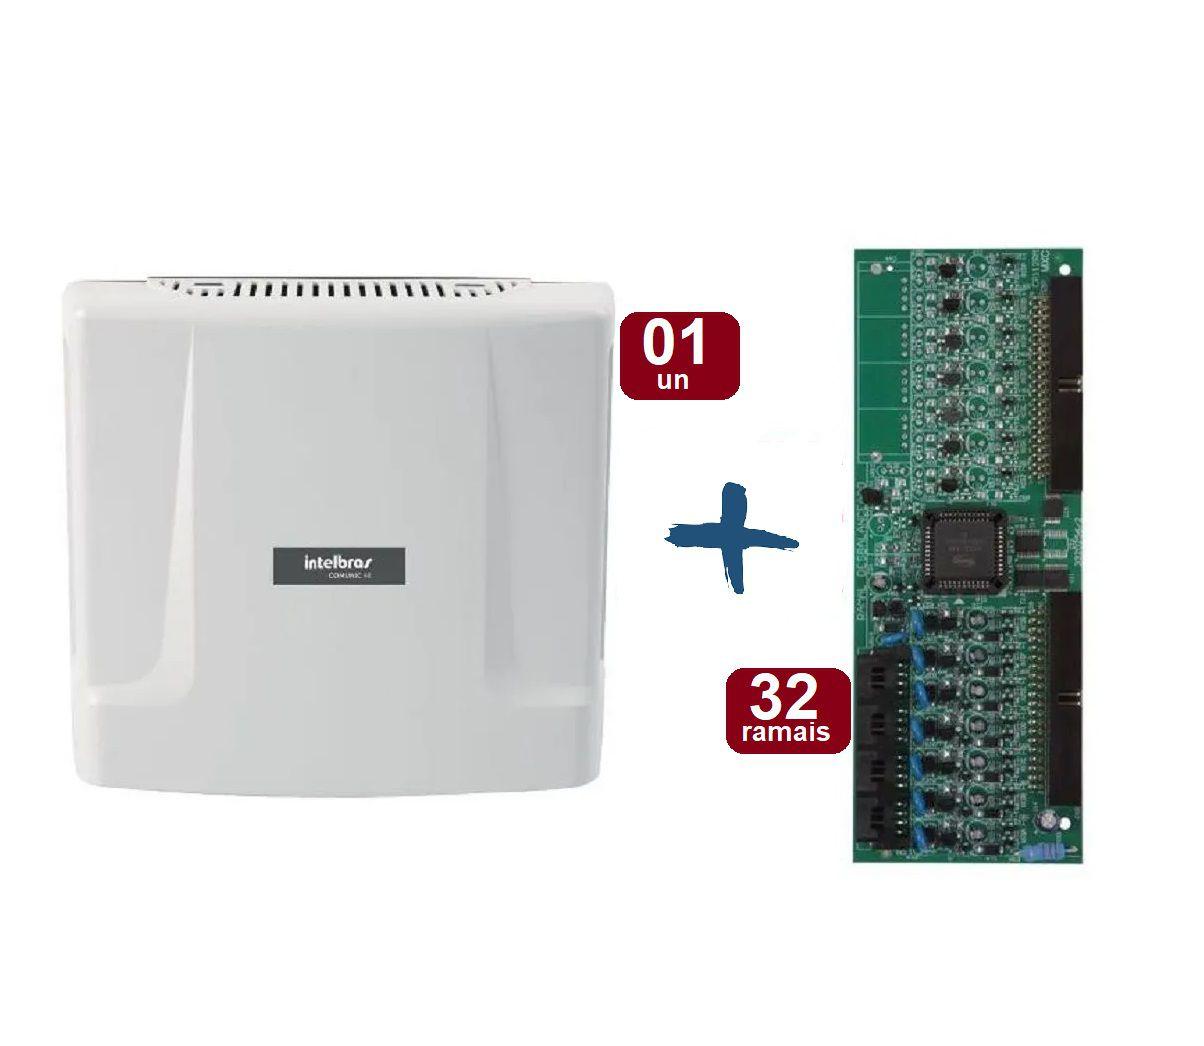 Kit Central De Interfonia E Comunicação Condominial + Placa P/ 32 Ramais - Intelbras Comunic 48